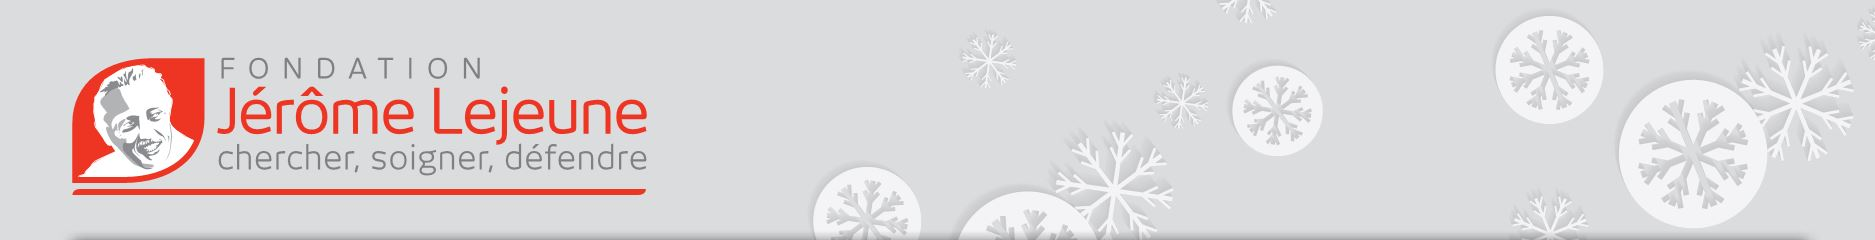 fond neige